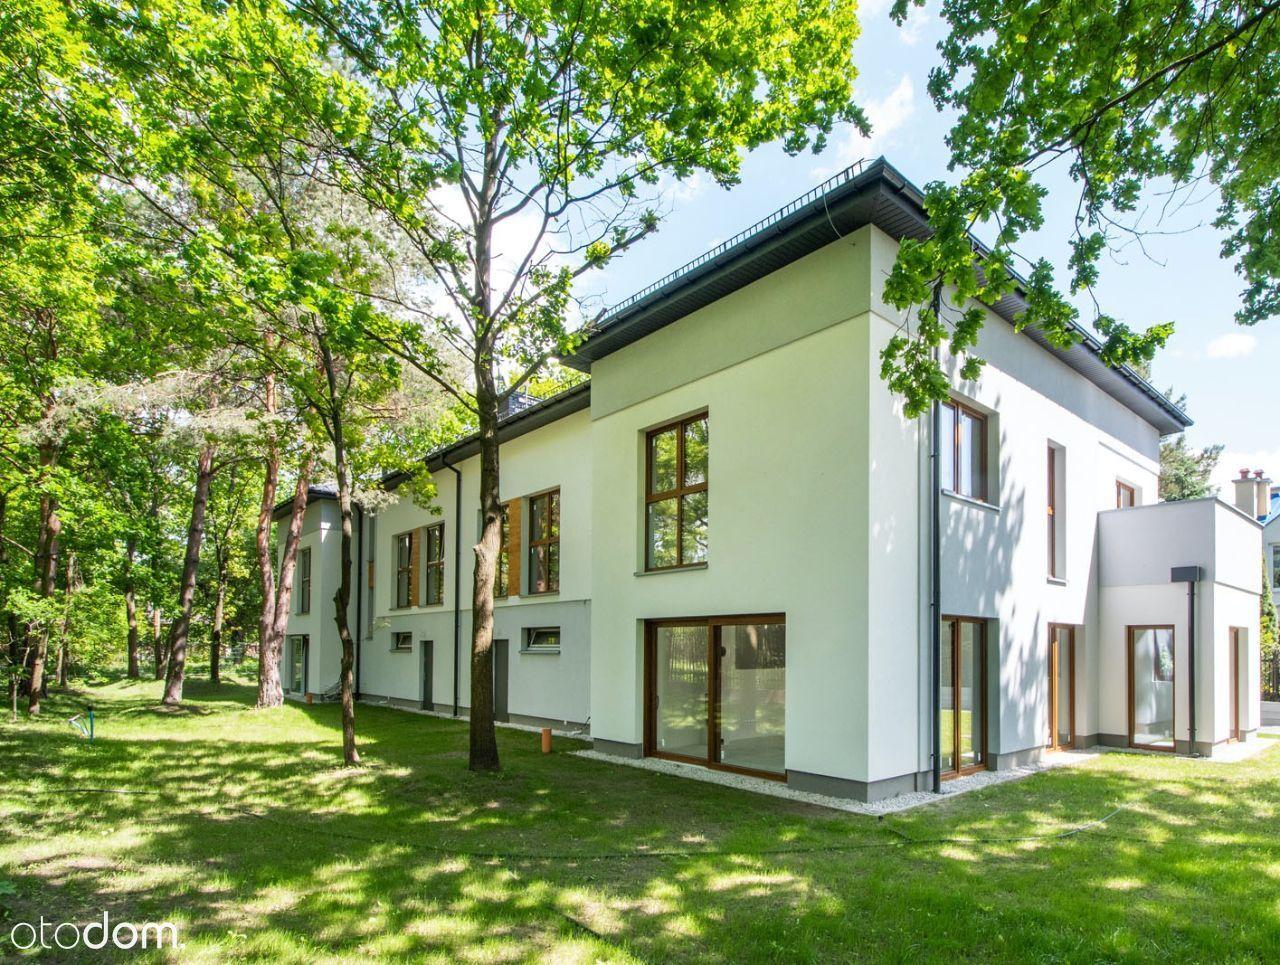 Nowe, kameralne osiedle domów w Konstancinie